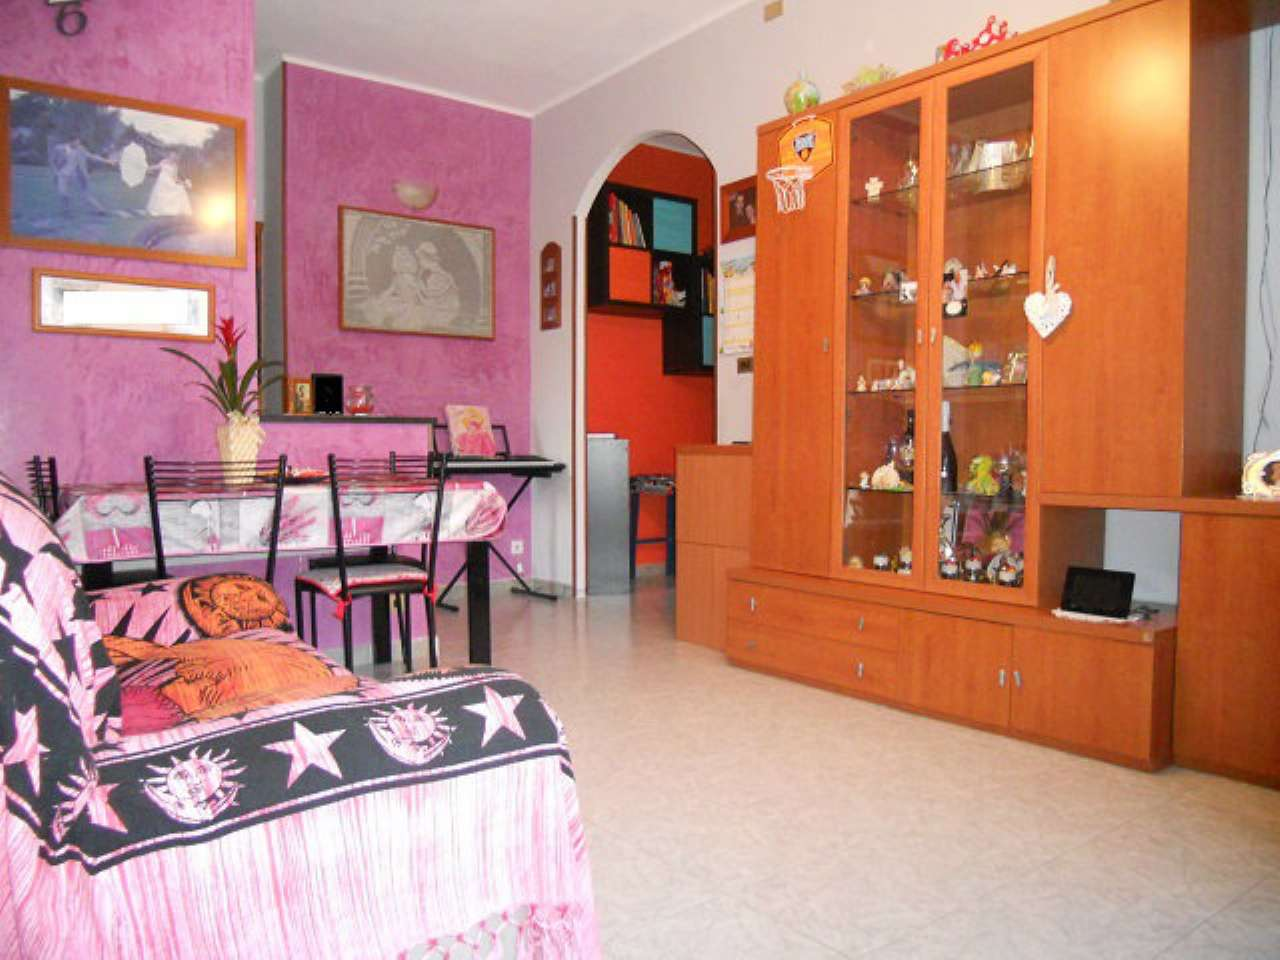 Appartamento in vendita a Sant'Antonino di Susa, 3 locali, prezzo € 75.000 | CambioCasa.it